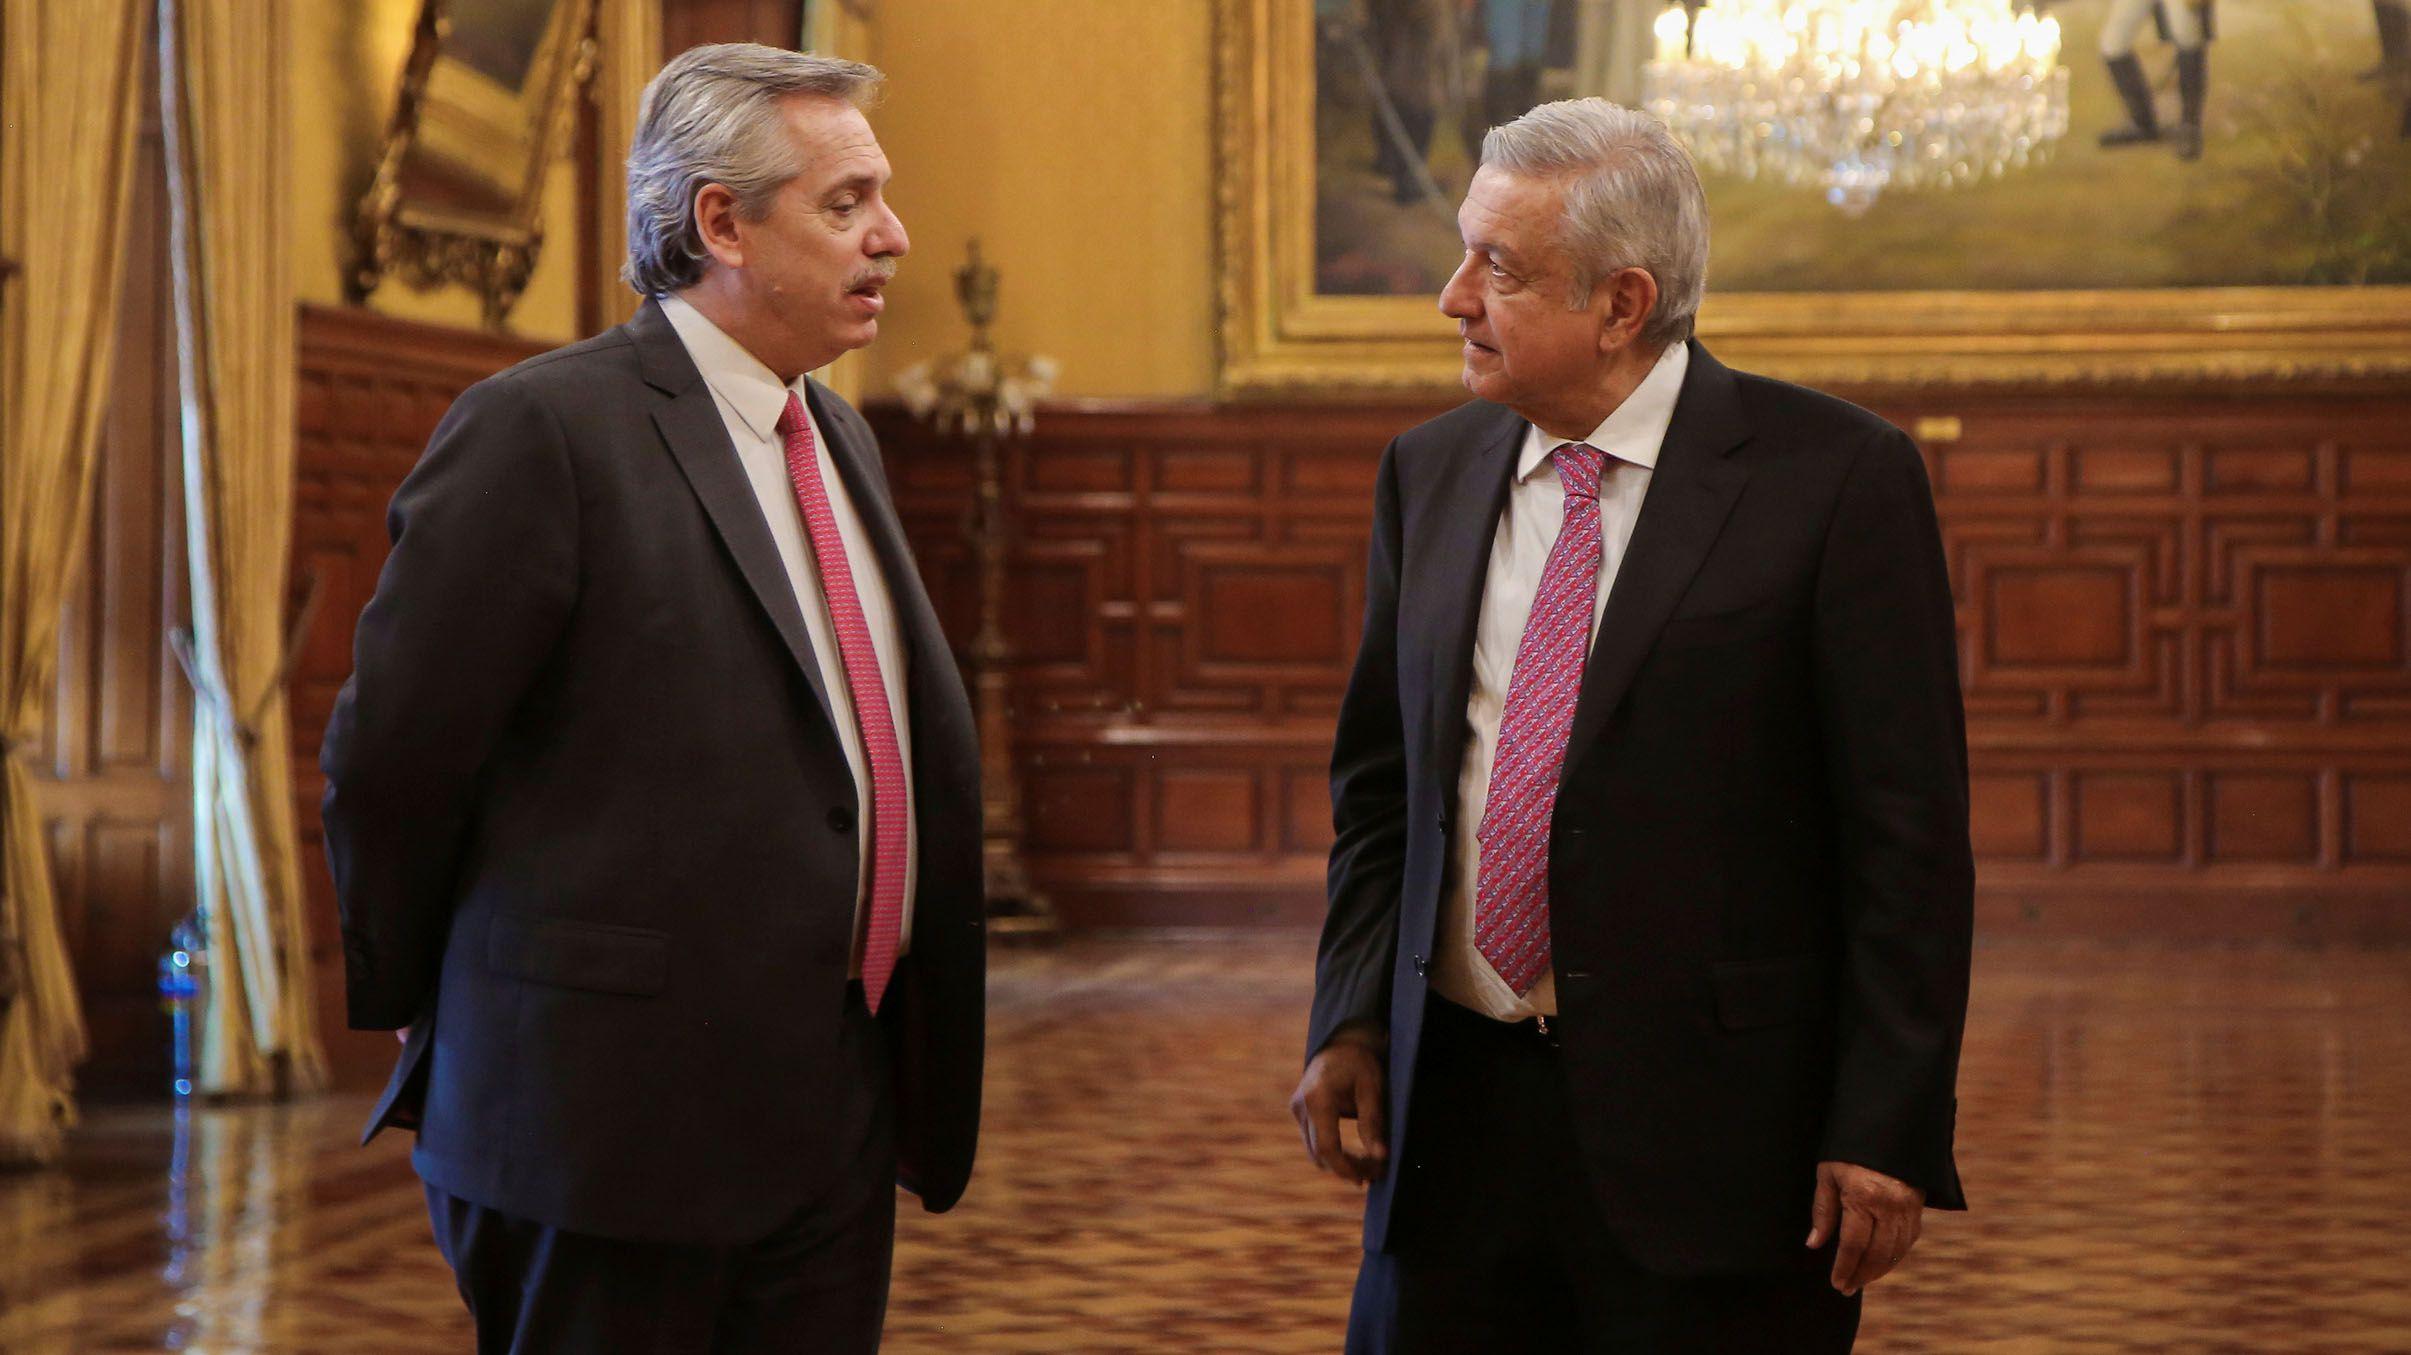 Andrés Manuel López Obrador - Alberto Fernández - Mexico